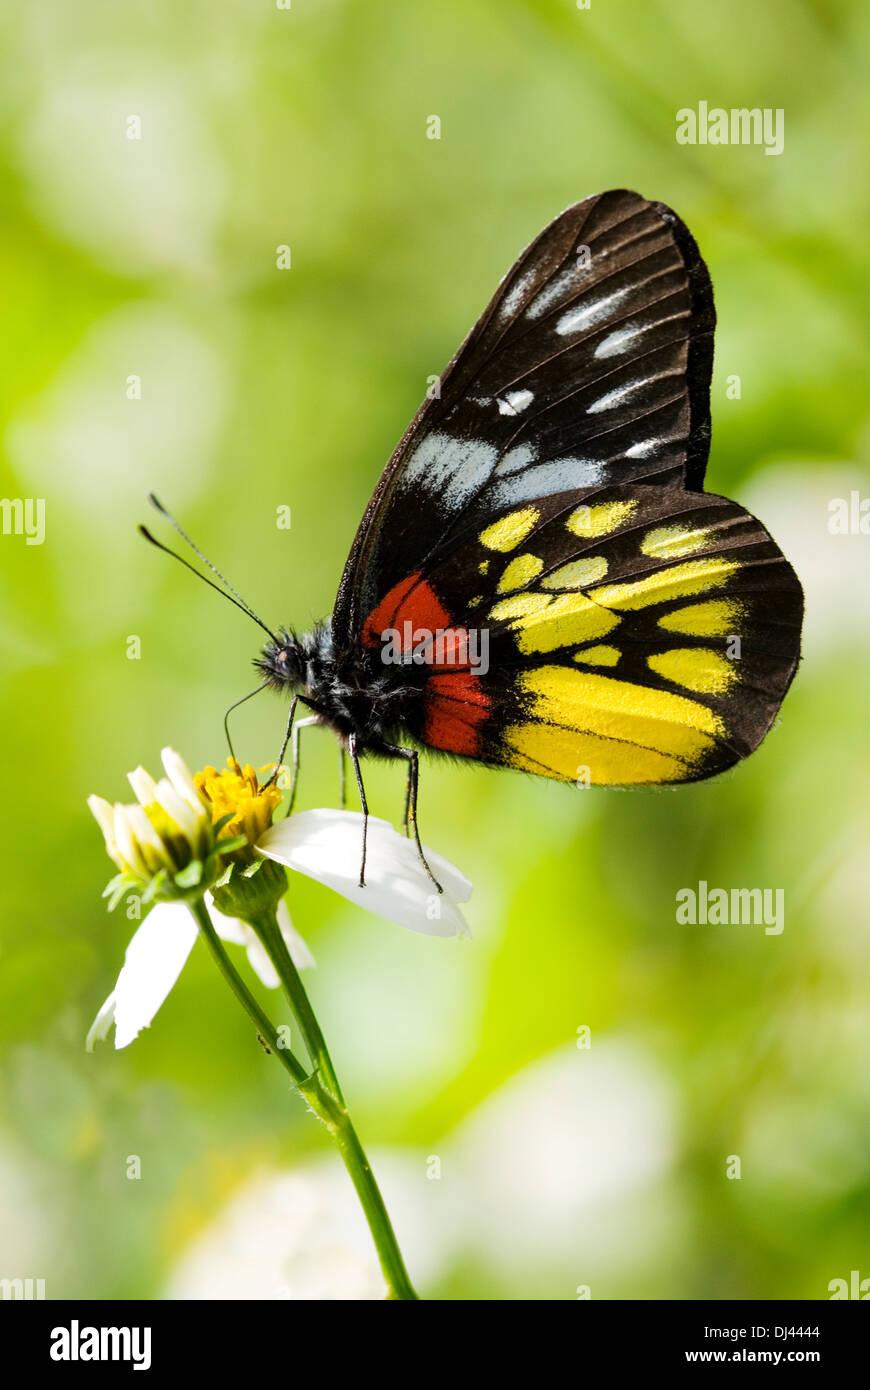 wunderschoener exotischer Schmetterling - Stock Image